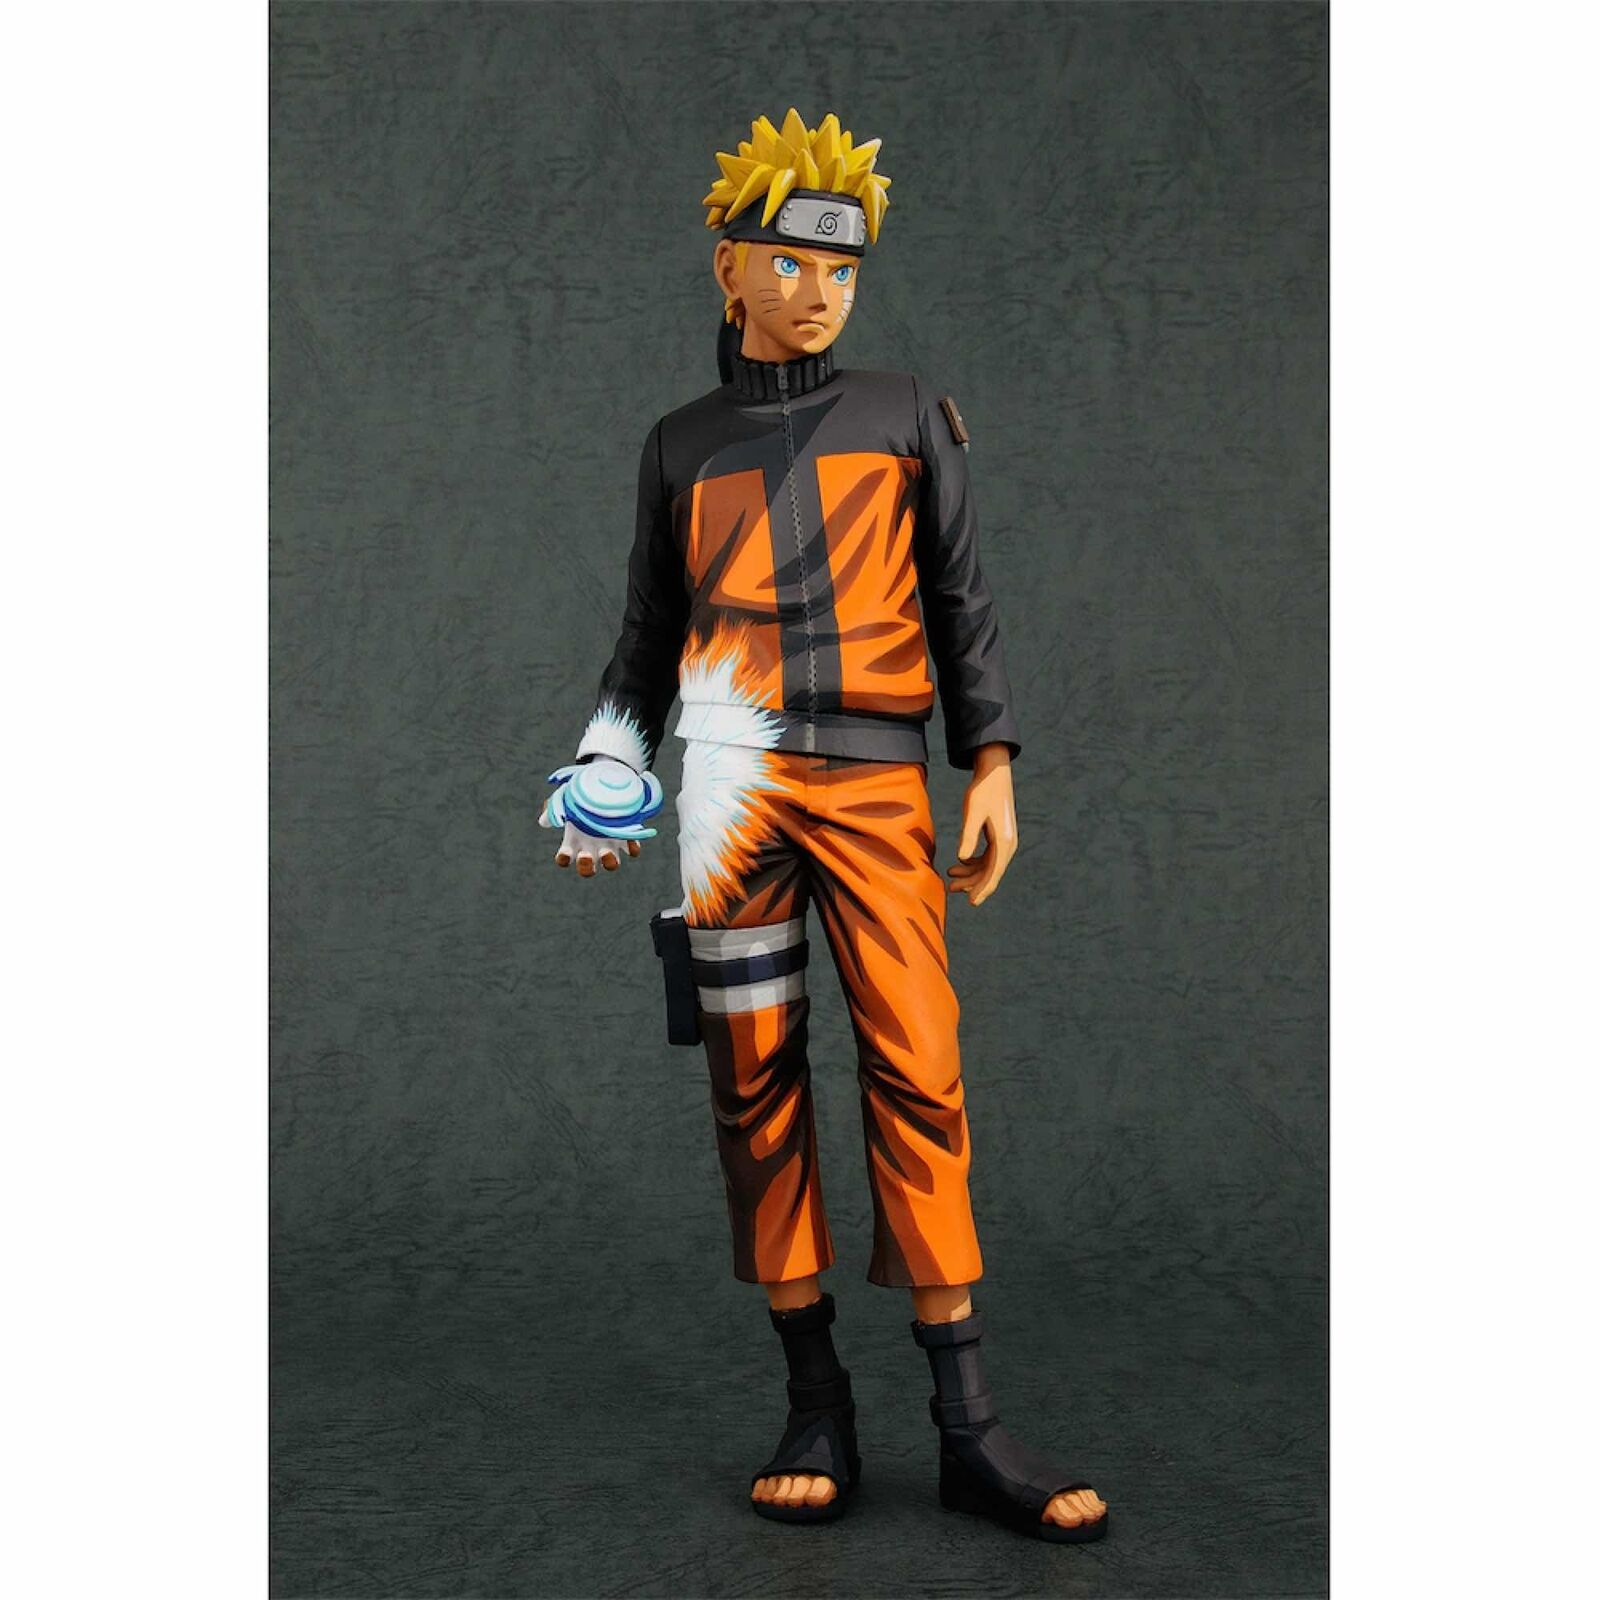 Uzumaki Naruto Figura 27 cm Naruto Shippuden Grandista Shinobi Relations Manga D